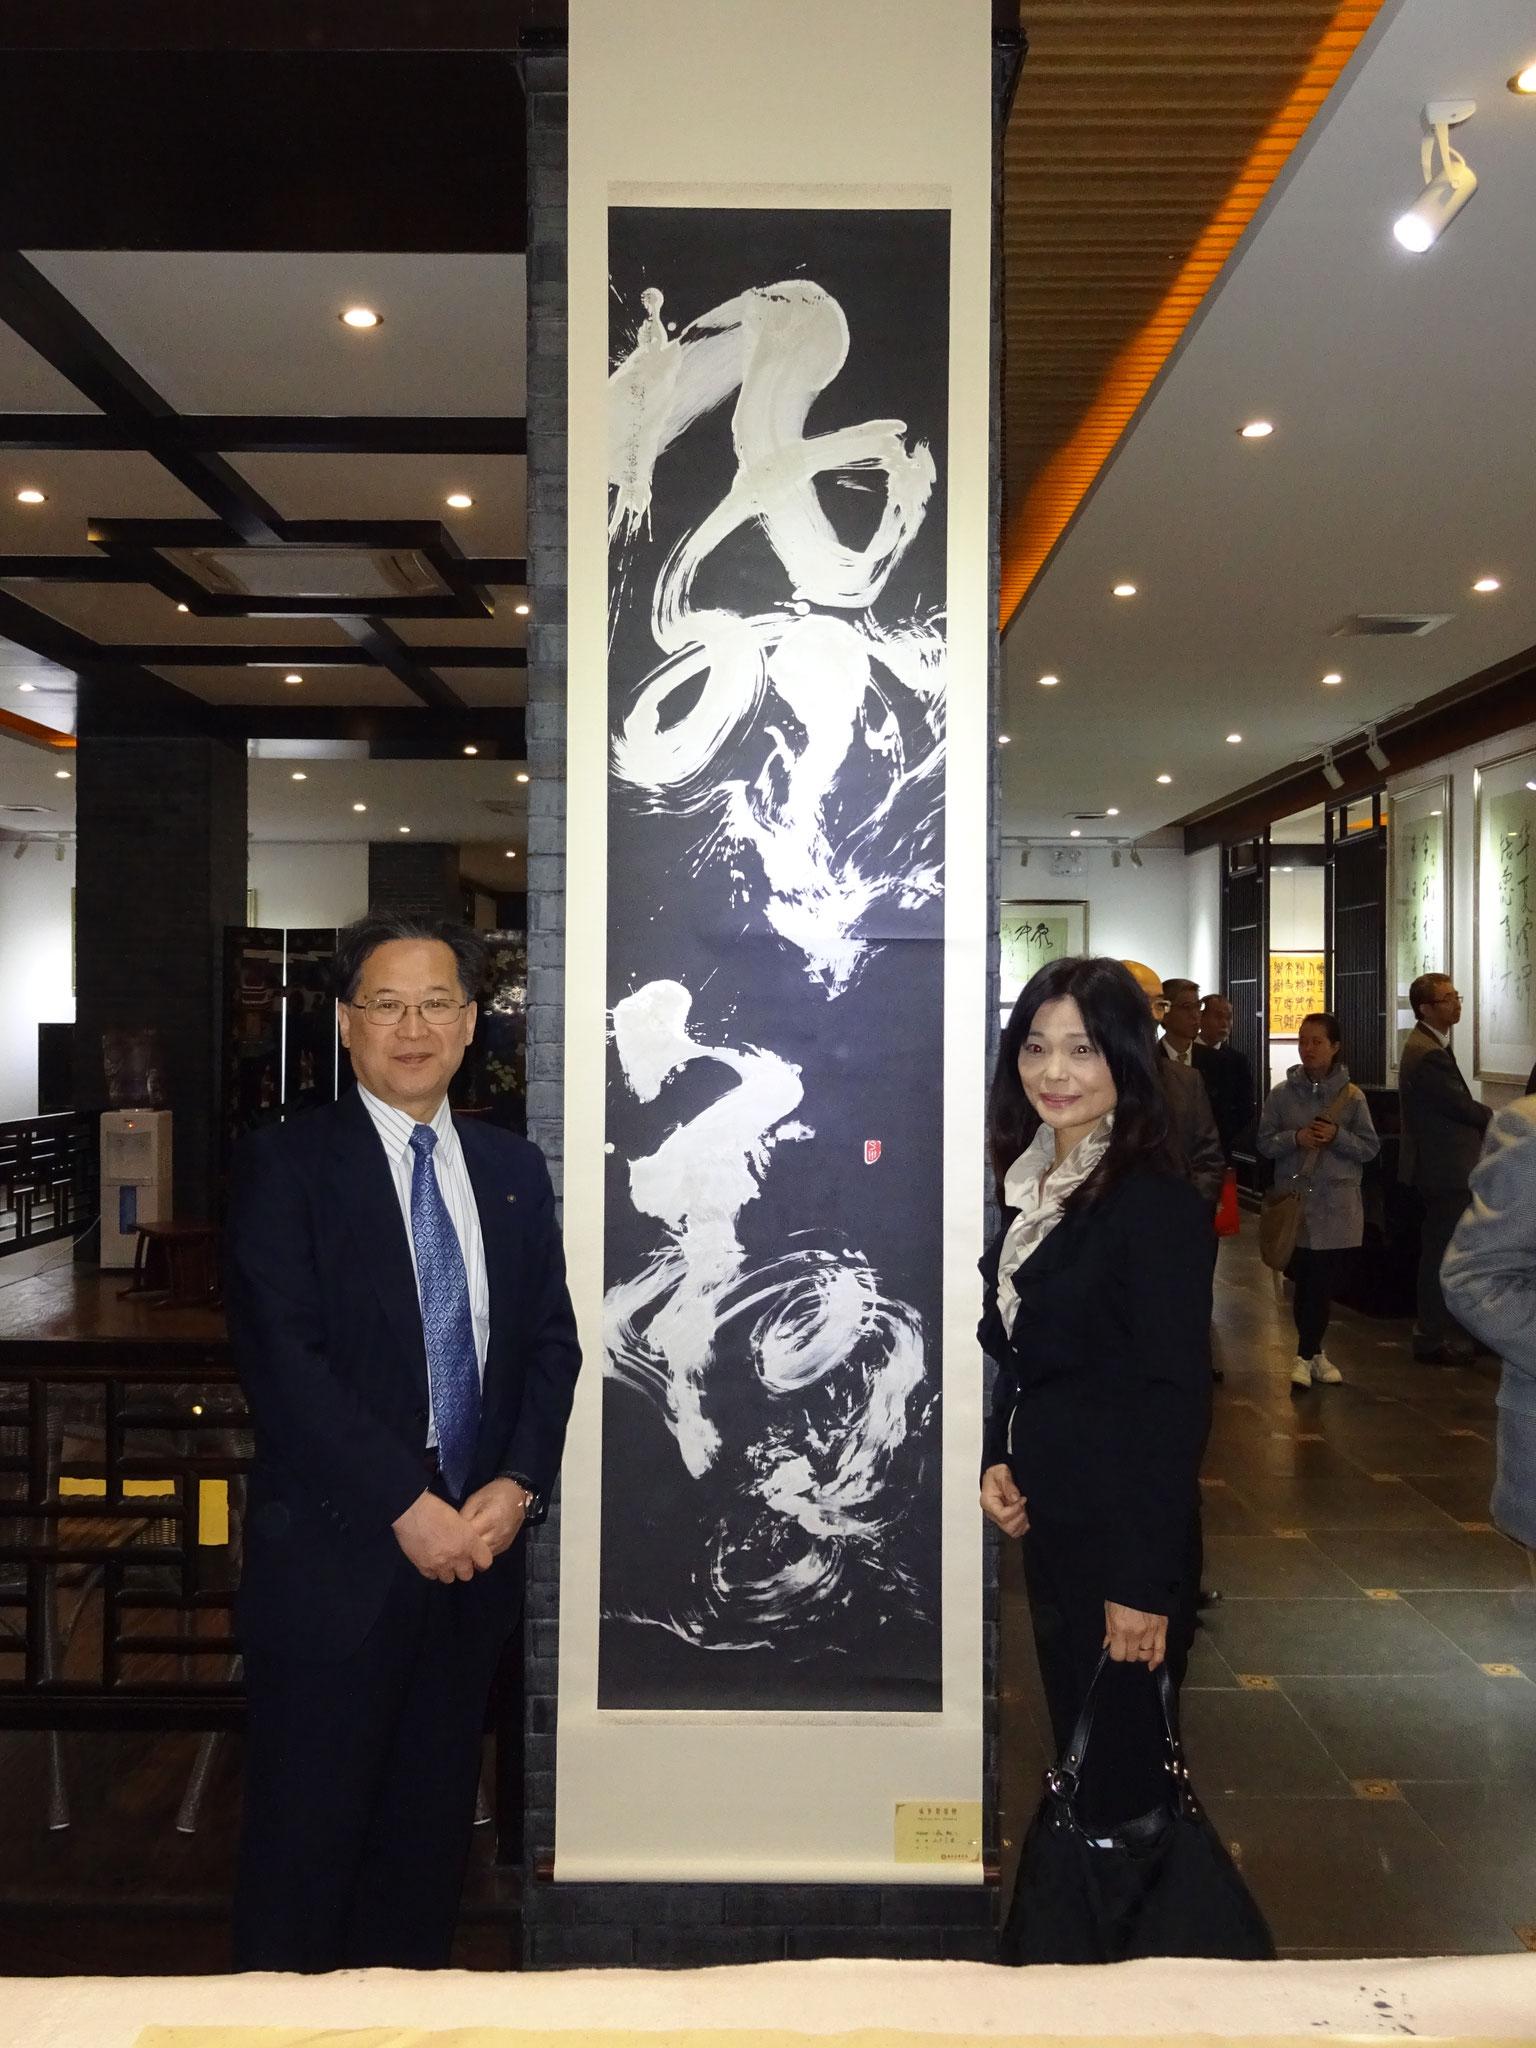 京都市と西安市の書家による書画展 2014/11/6    於西安培華学院  「飛翔」